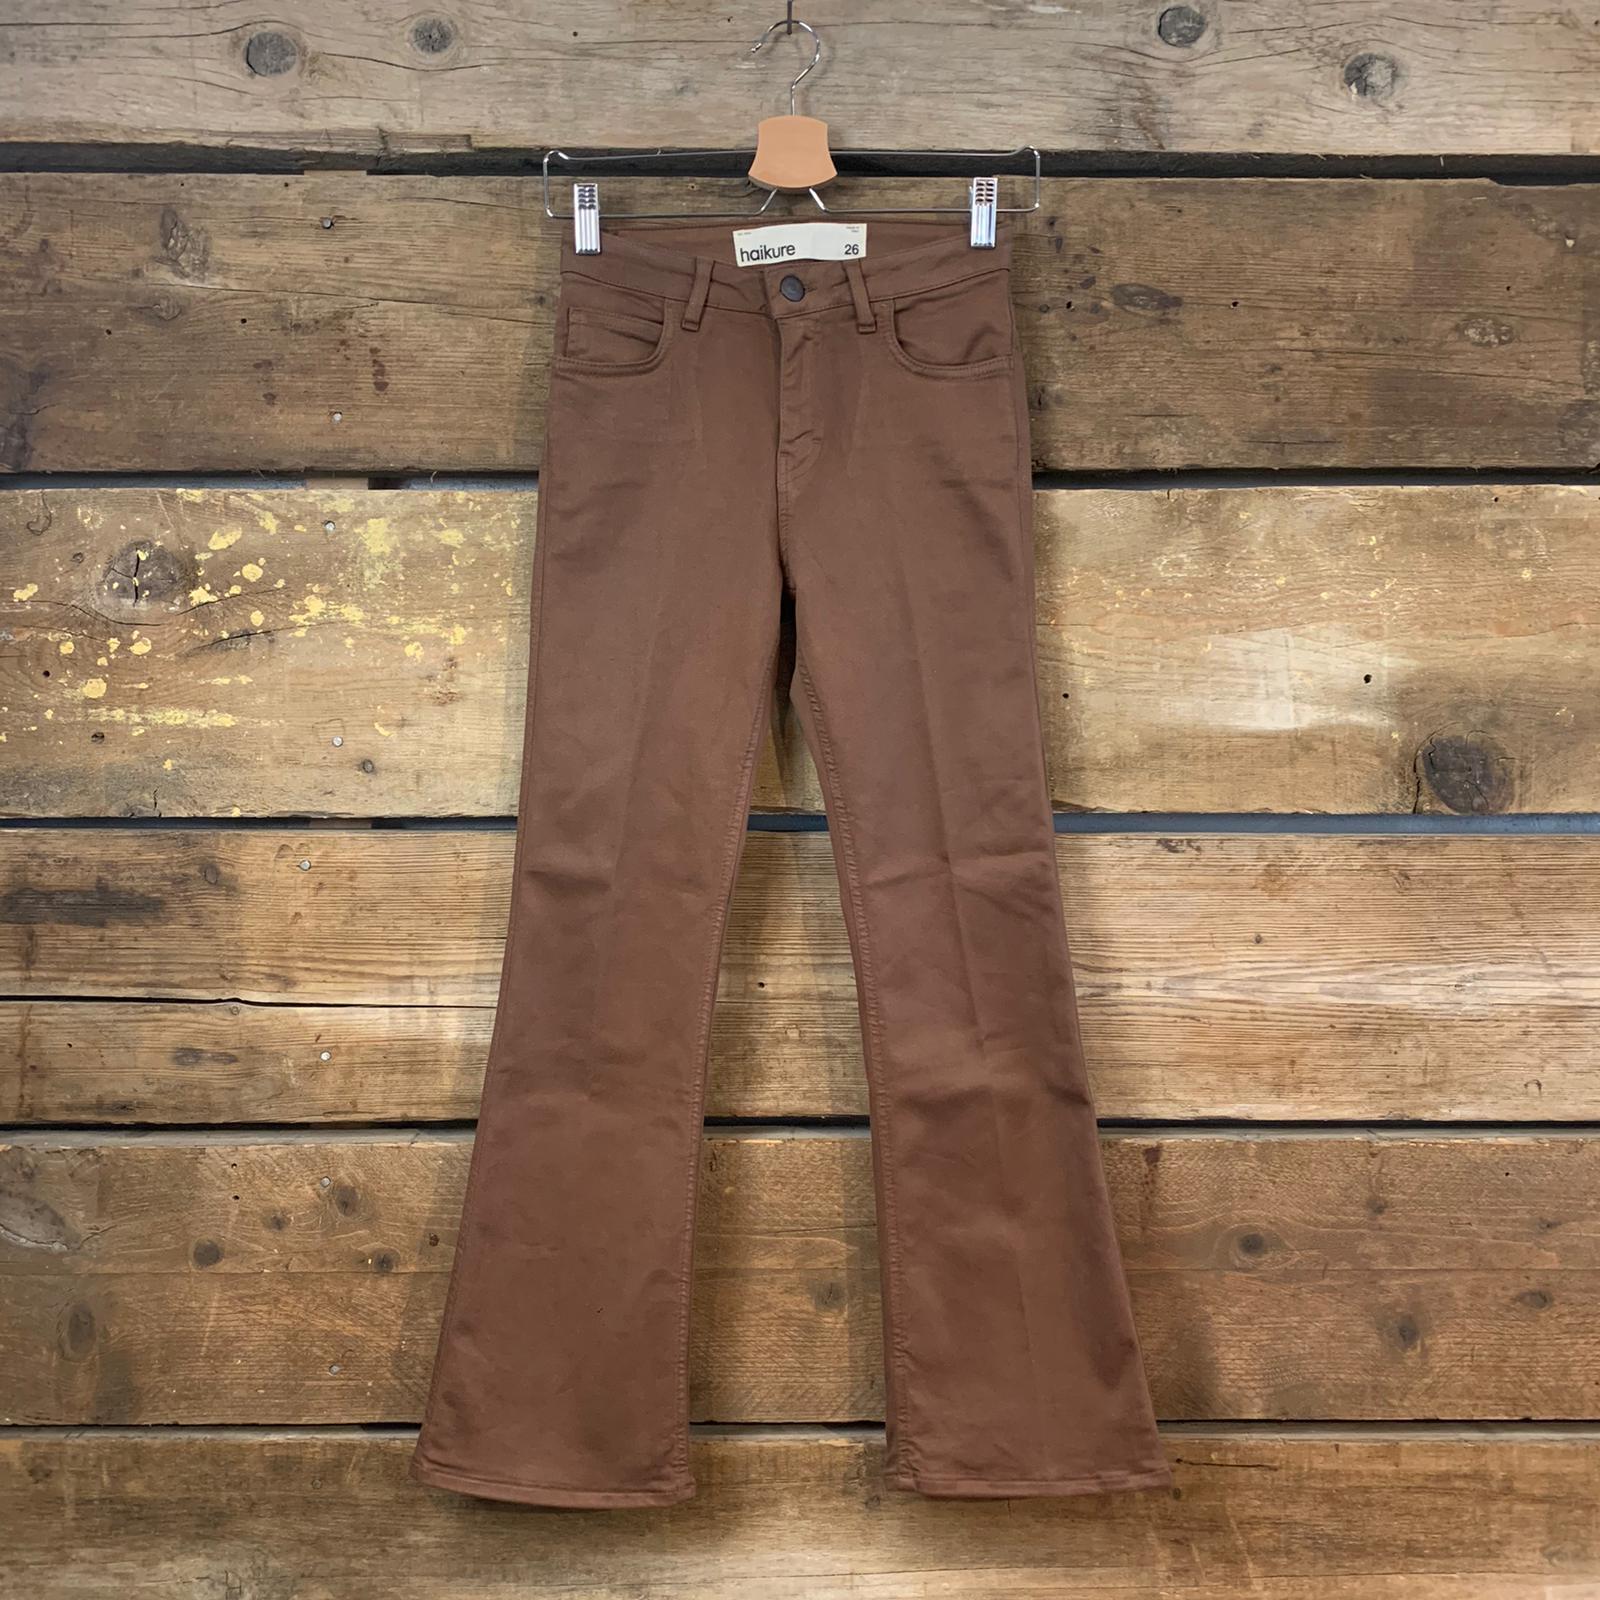 Pantalone Donna Haikure Formentera Crop Ecru Scuro (A Trombetta)